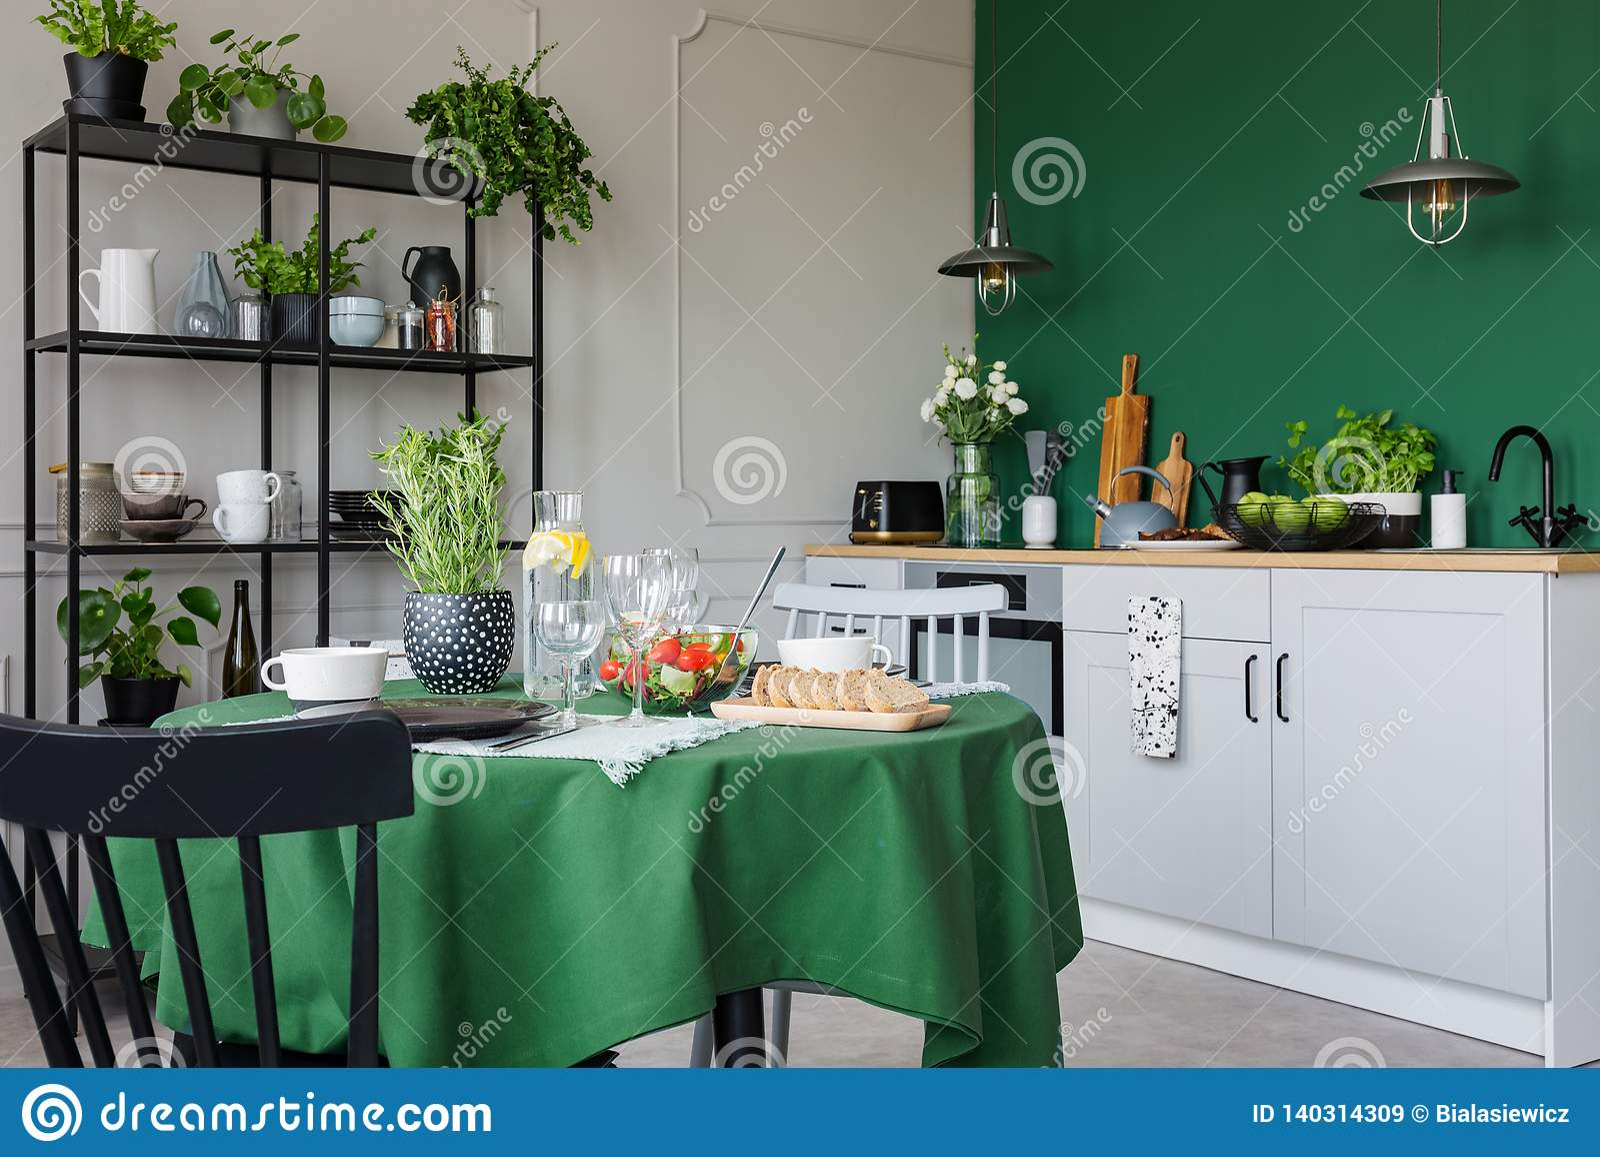 Cucina d avanguardia con il tavolo da pranzo con l insieme verde della tovaglia per la cena romantica